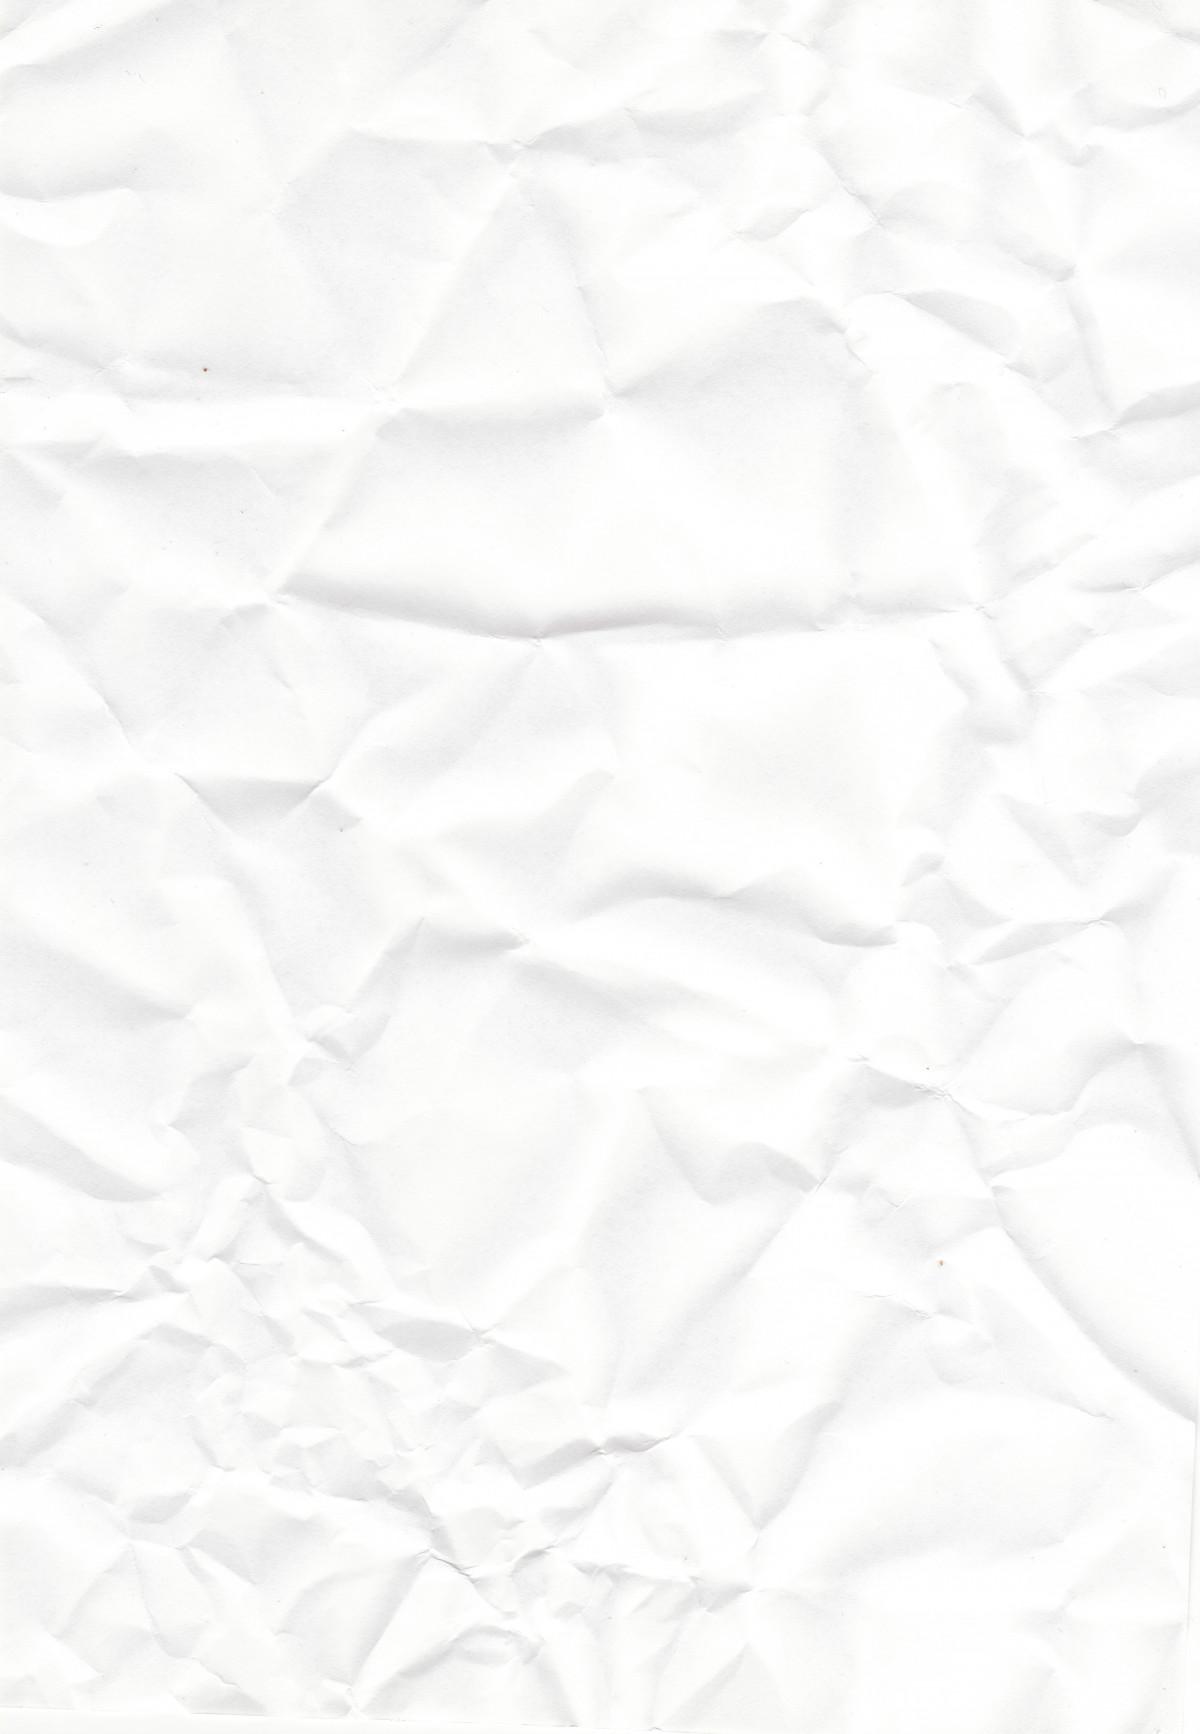 Creased Book Cover Texture ~ Fotos gratis blanco textura patrón mueble vestido de